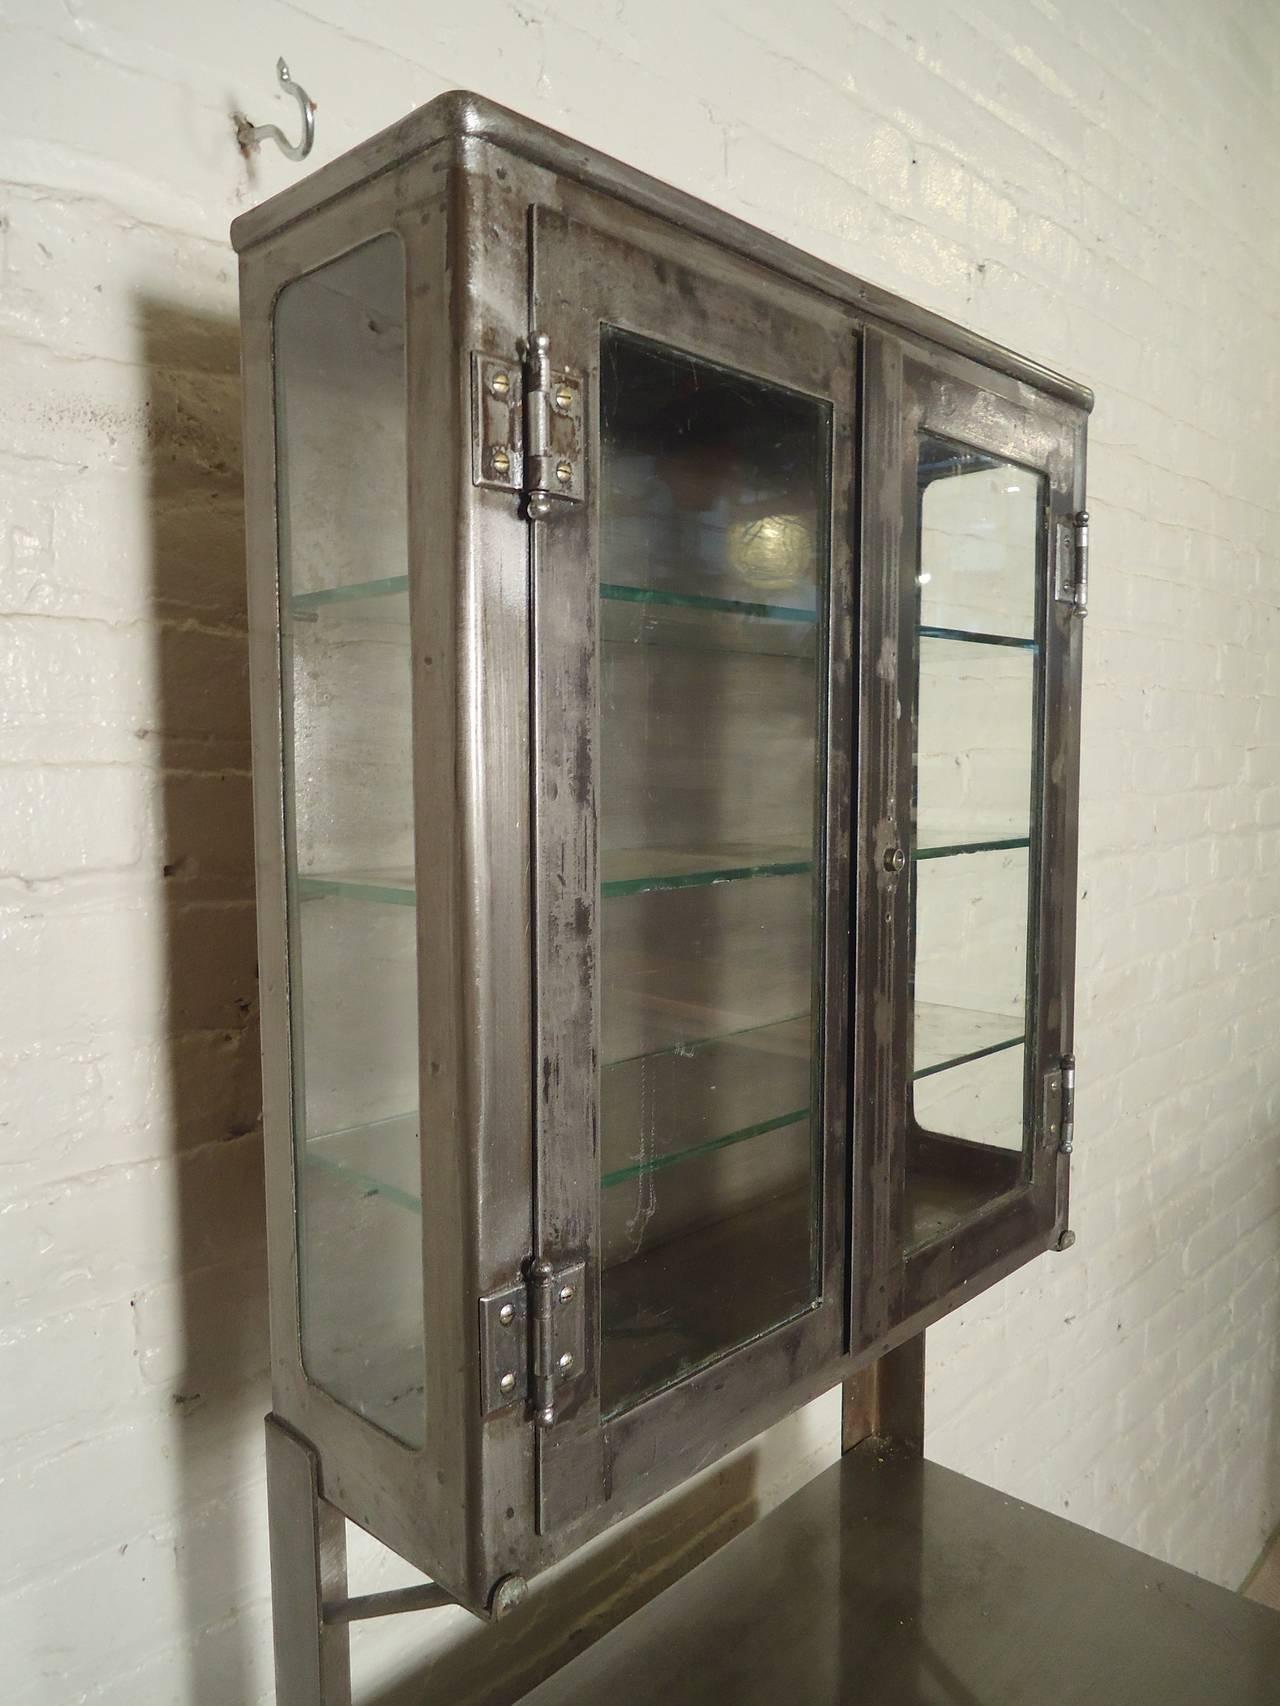 Vintage Industrial Hospital Cabinet Restored At 1stdibs